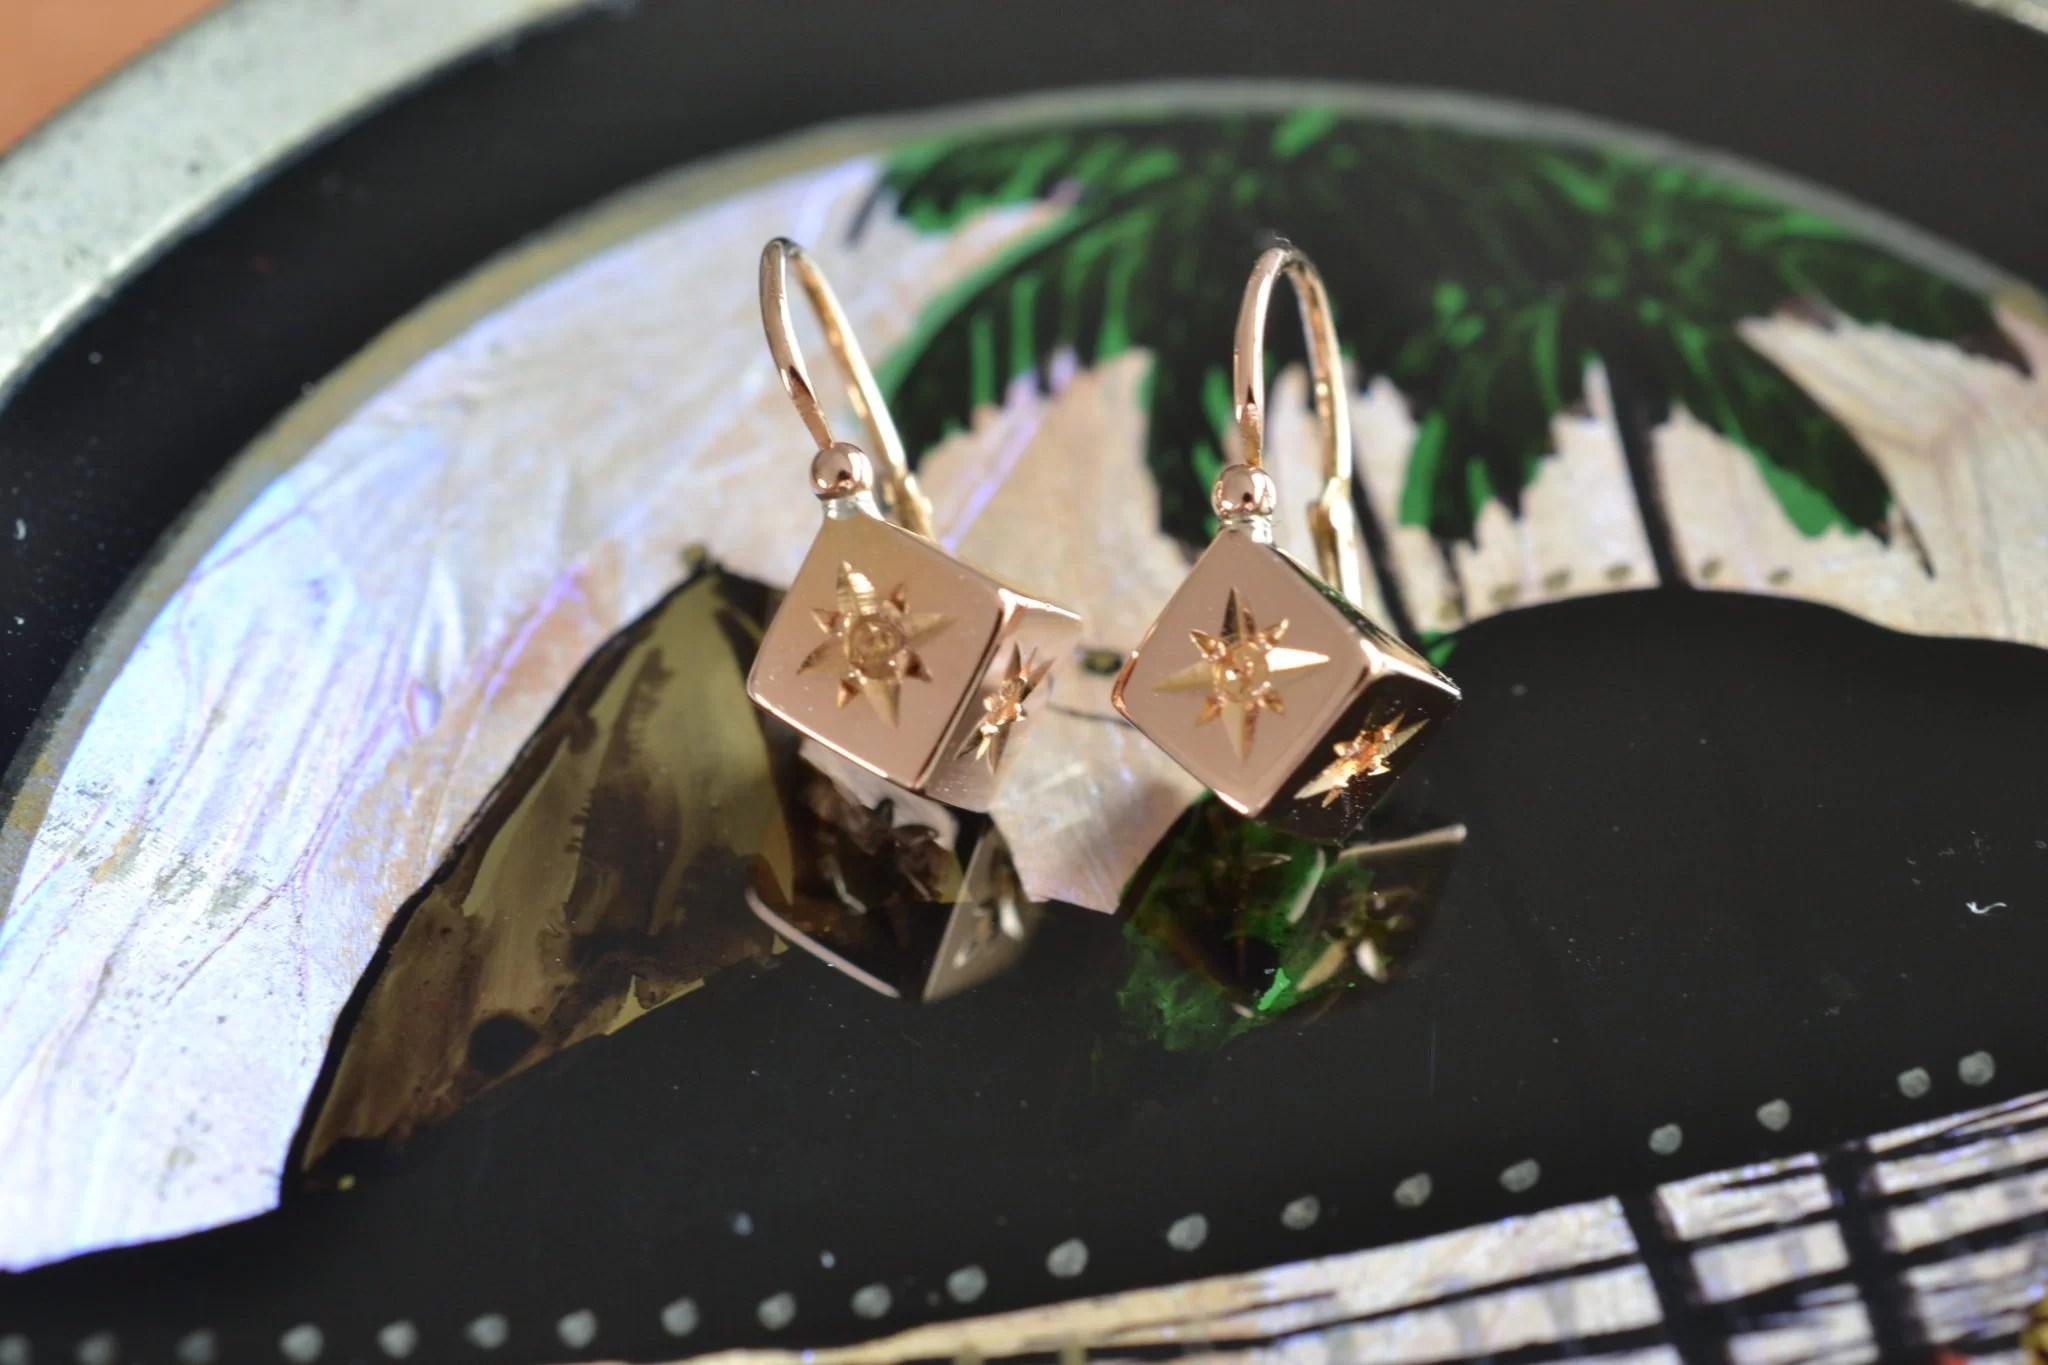 Boucles D'oreilles Anciennes En Or - Dormeuses Cubes Carré - En Or 18 Carats - Bijoux Vintage En Or - Mariage Seconde Main